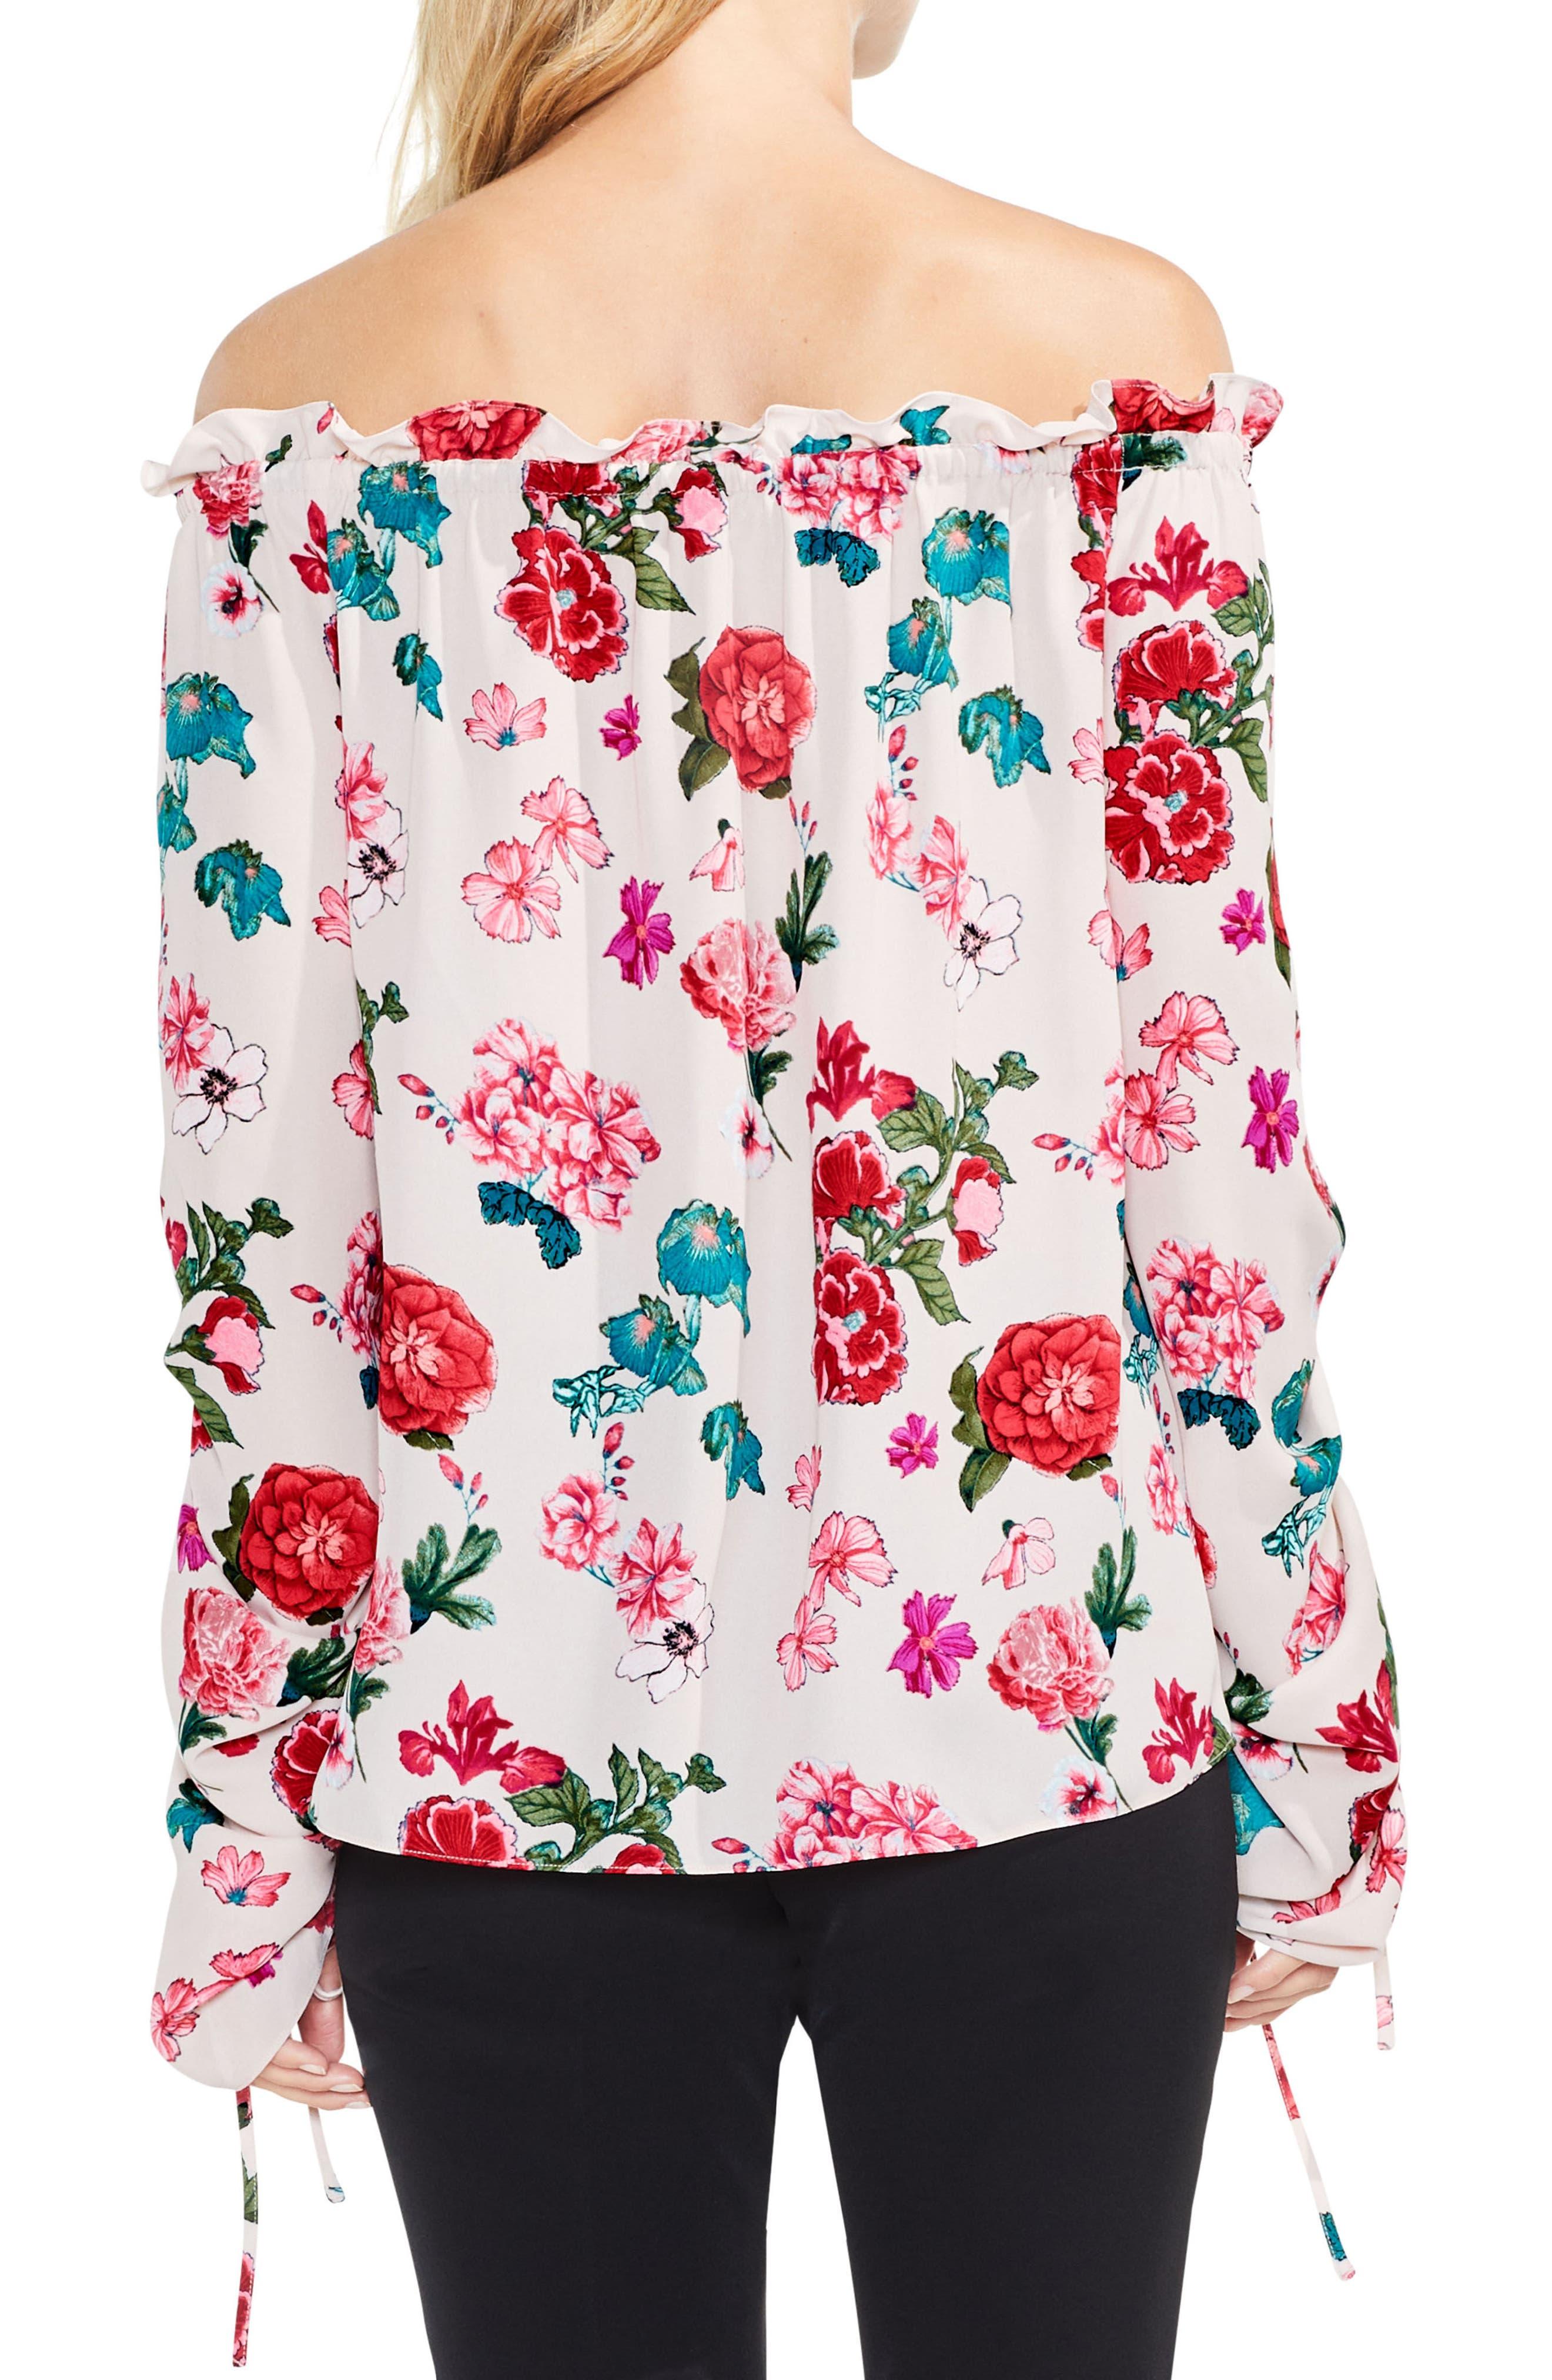 Off the Shoulder Floral Heirloom Top,                             Alternate thumbnail 2, color,                             Hush Pink